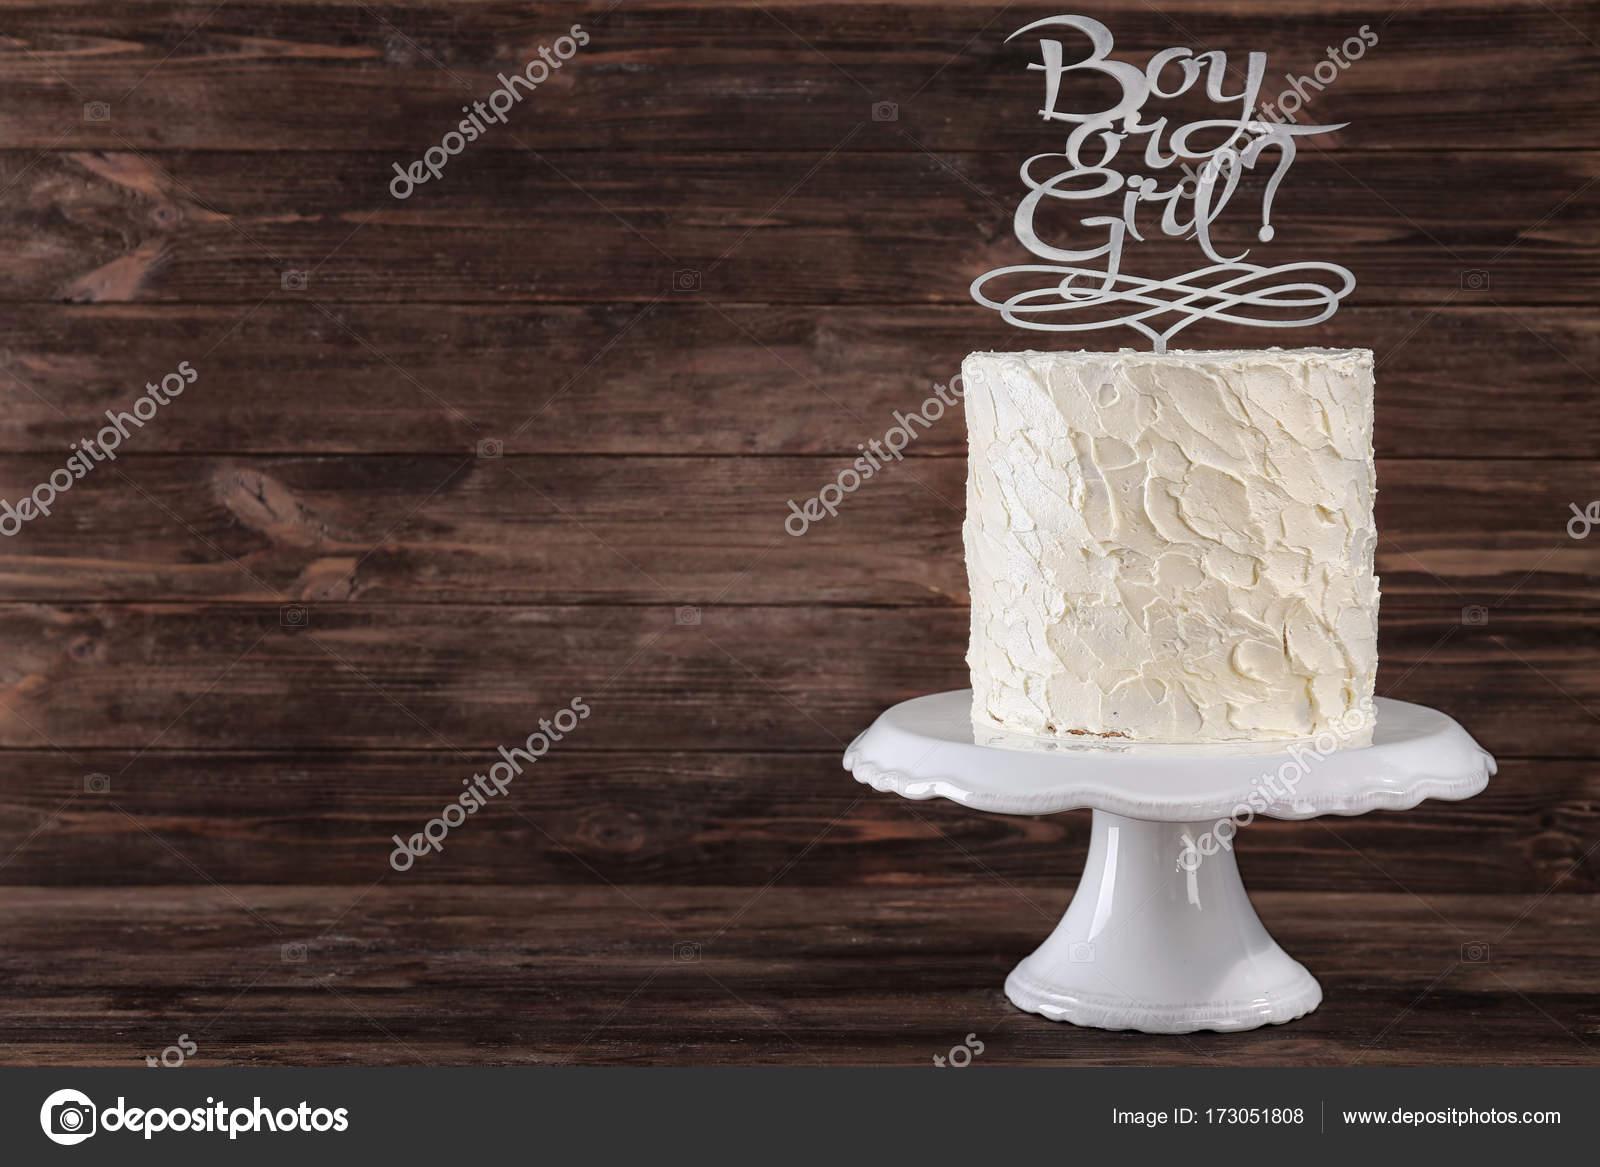 Stoisko Z Pyszne Ciasto Na Baby Shower Strony Zdjęcie Stockowe